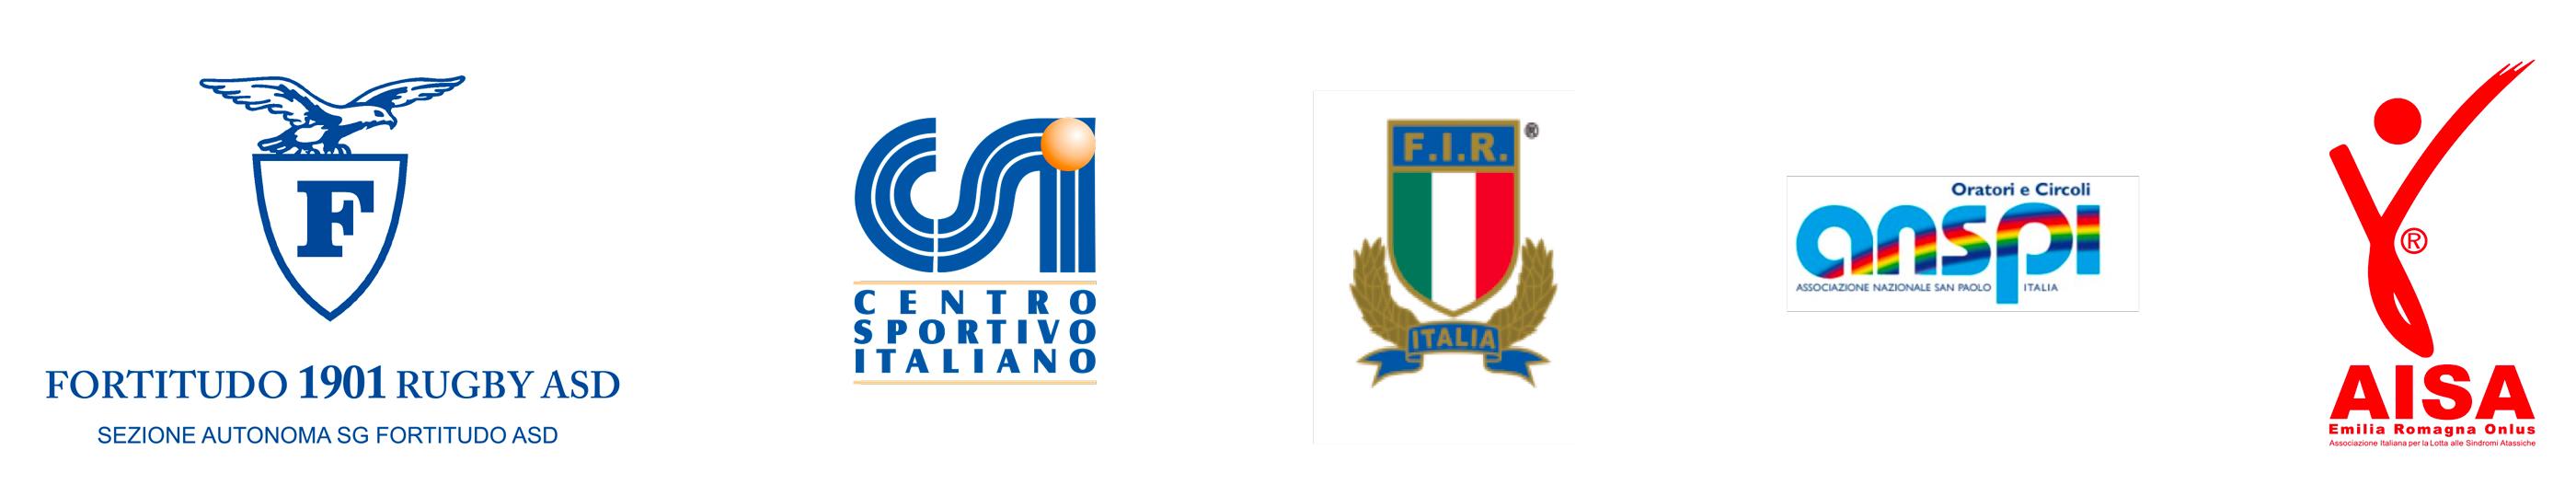 Fortitudo 1901 Rugby Bologna ASD Logo